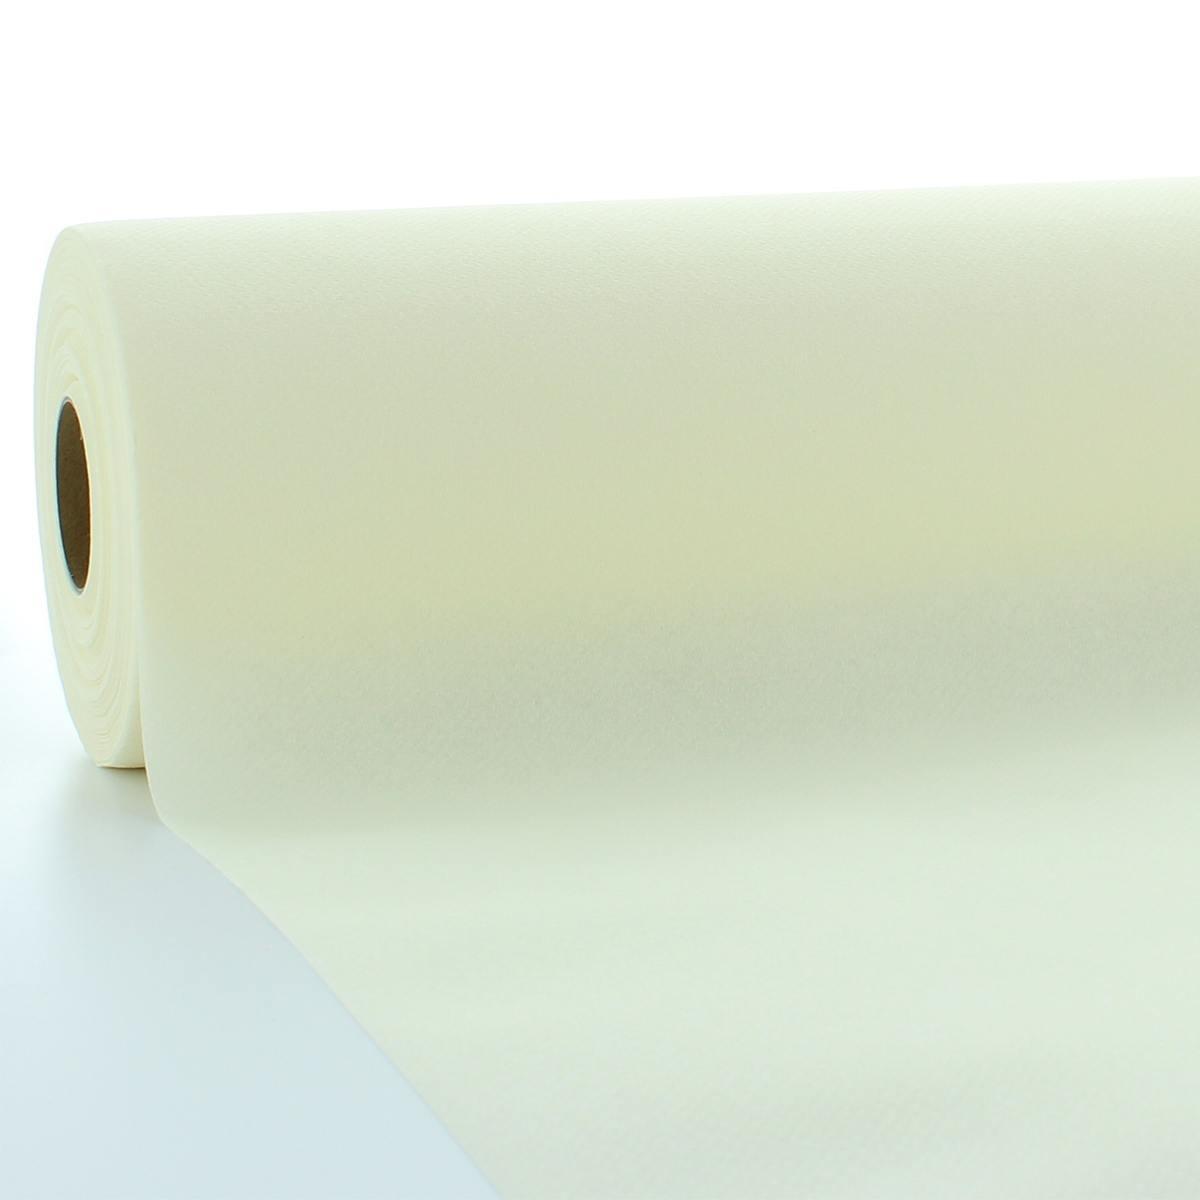 1 Stück 120 cm x 40 m Airlaid Tischdeckenrolle Hellblau Tischdecke Einweg